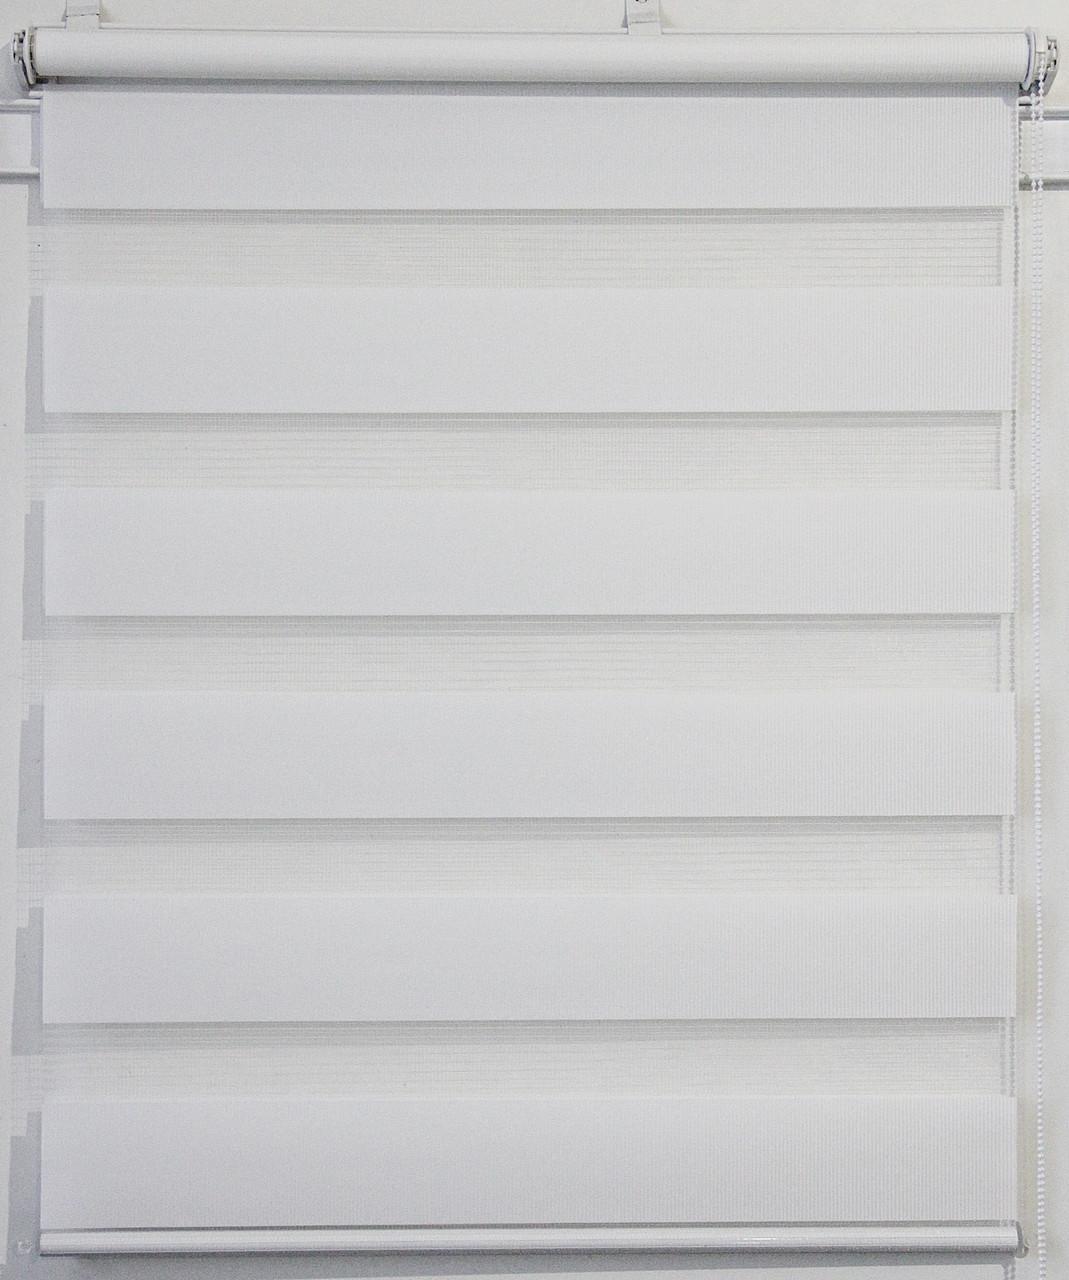 Готовые рулонные шторы 1250*1300 Ткань ВН-01 Белый